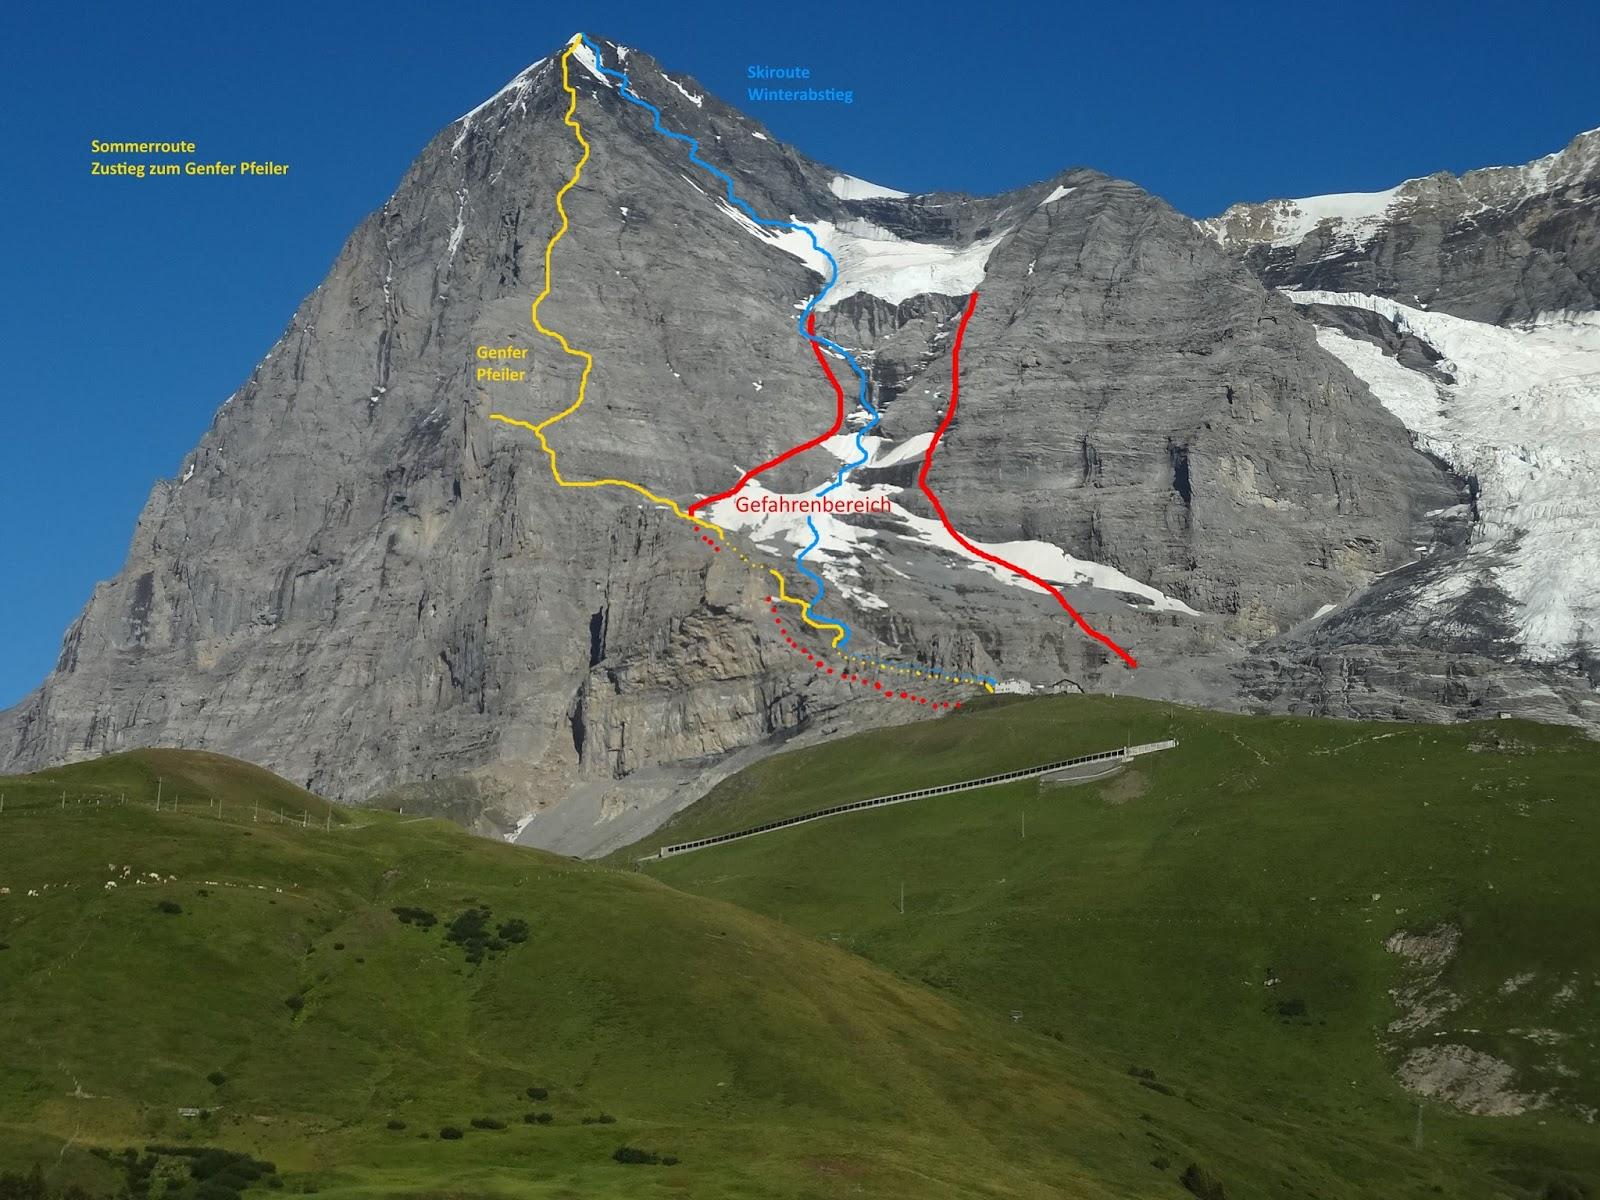 Klettersteig Rotstock : Kletterblog: eisschlag in der eiger westflanke